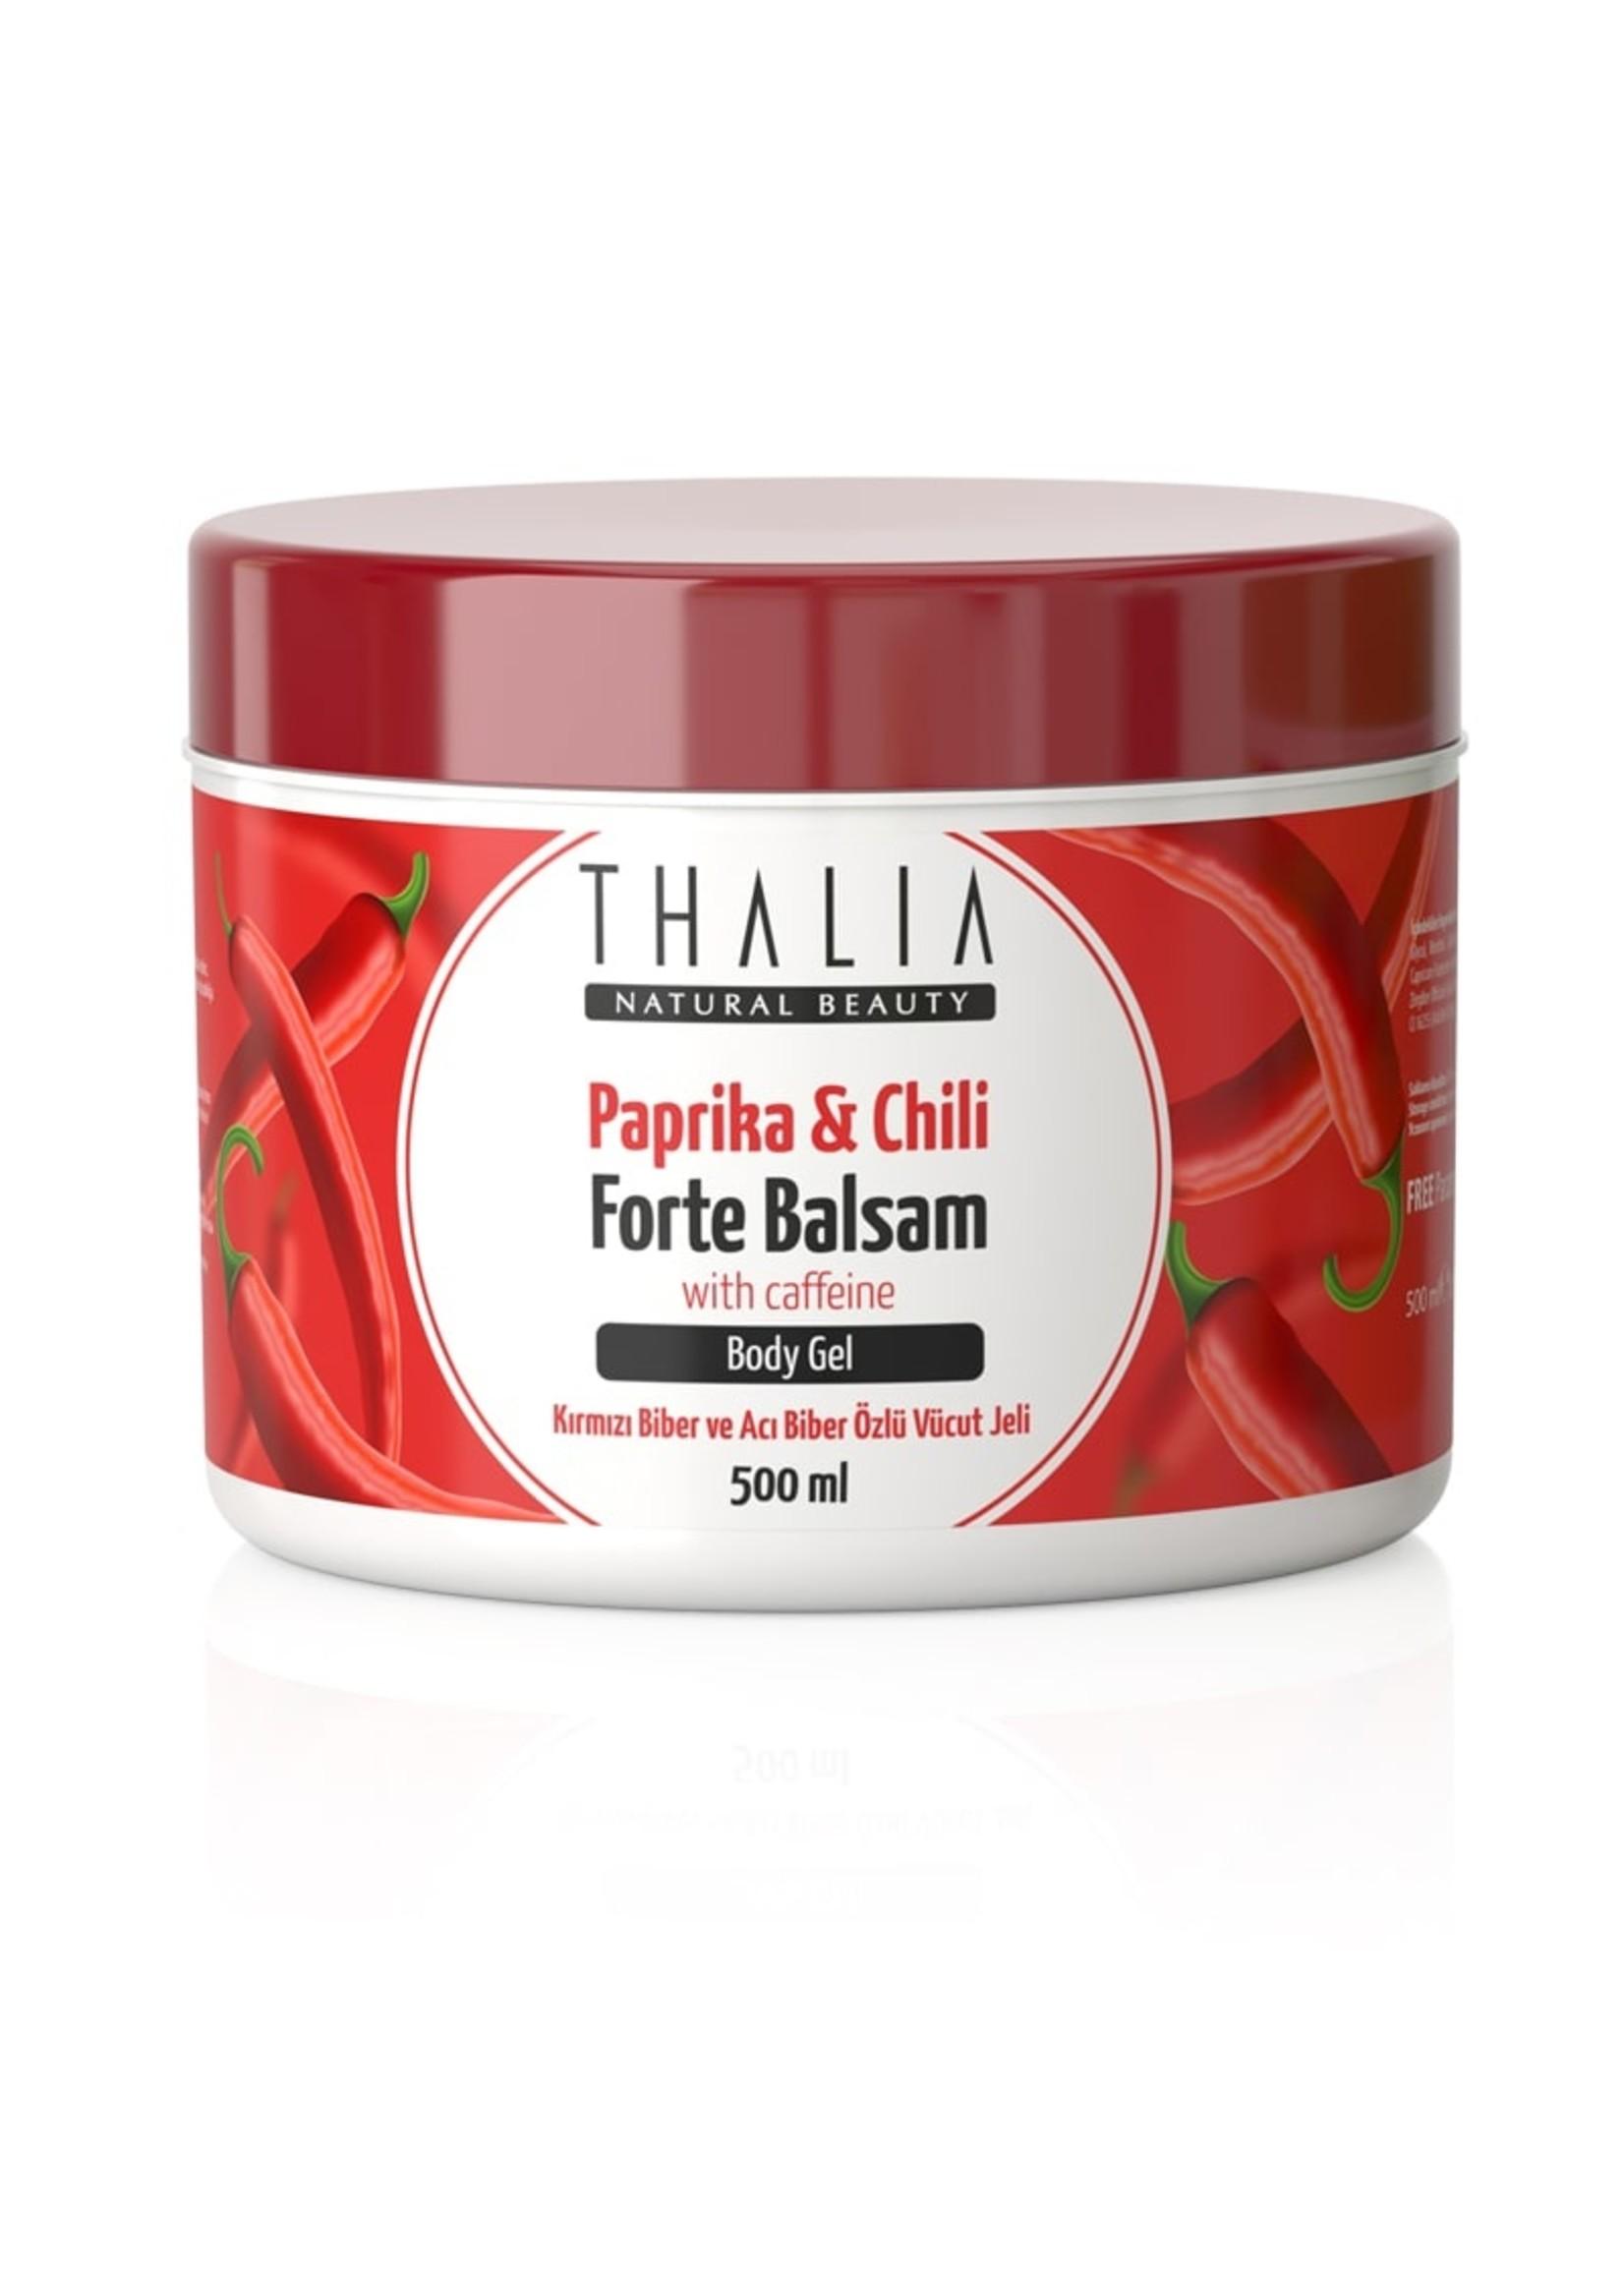 Thalia Kırmızı Biber ve Acı Biber Özlü Masaj Jeli Forte Balsam - 500 ml